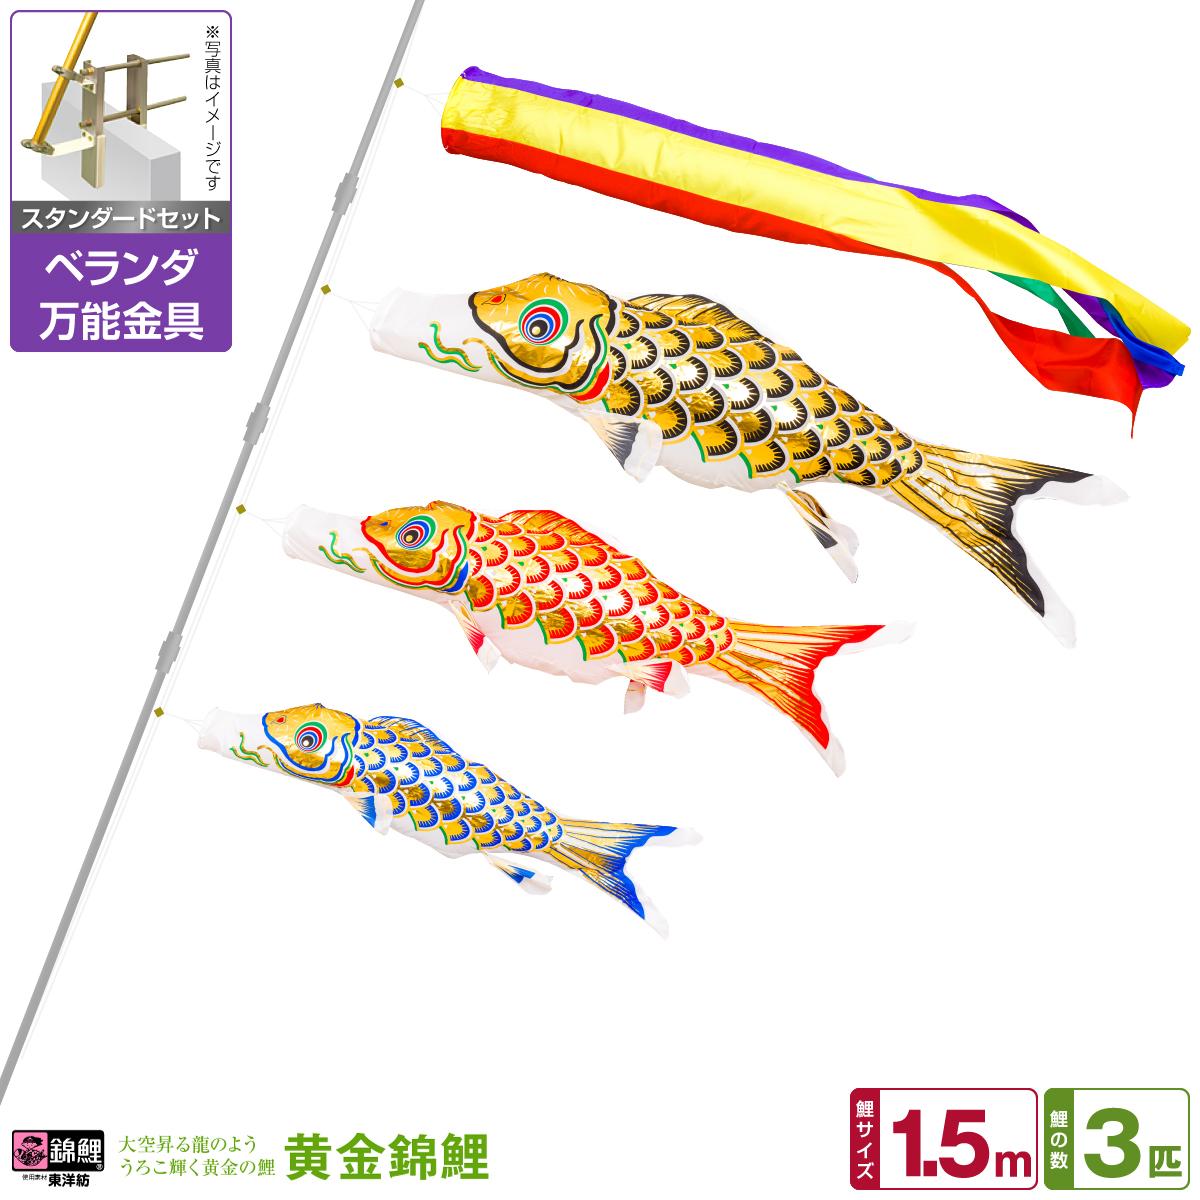 ベランダ用 こいのぼり 鯉のぼり 錦鯉 うろこ輝く黄金の鯉 黄金錦鯉 1.5m 6点(吹流し+鯉3匹+矢車+ロープ)/スタンダードセット(万能取付金具)